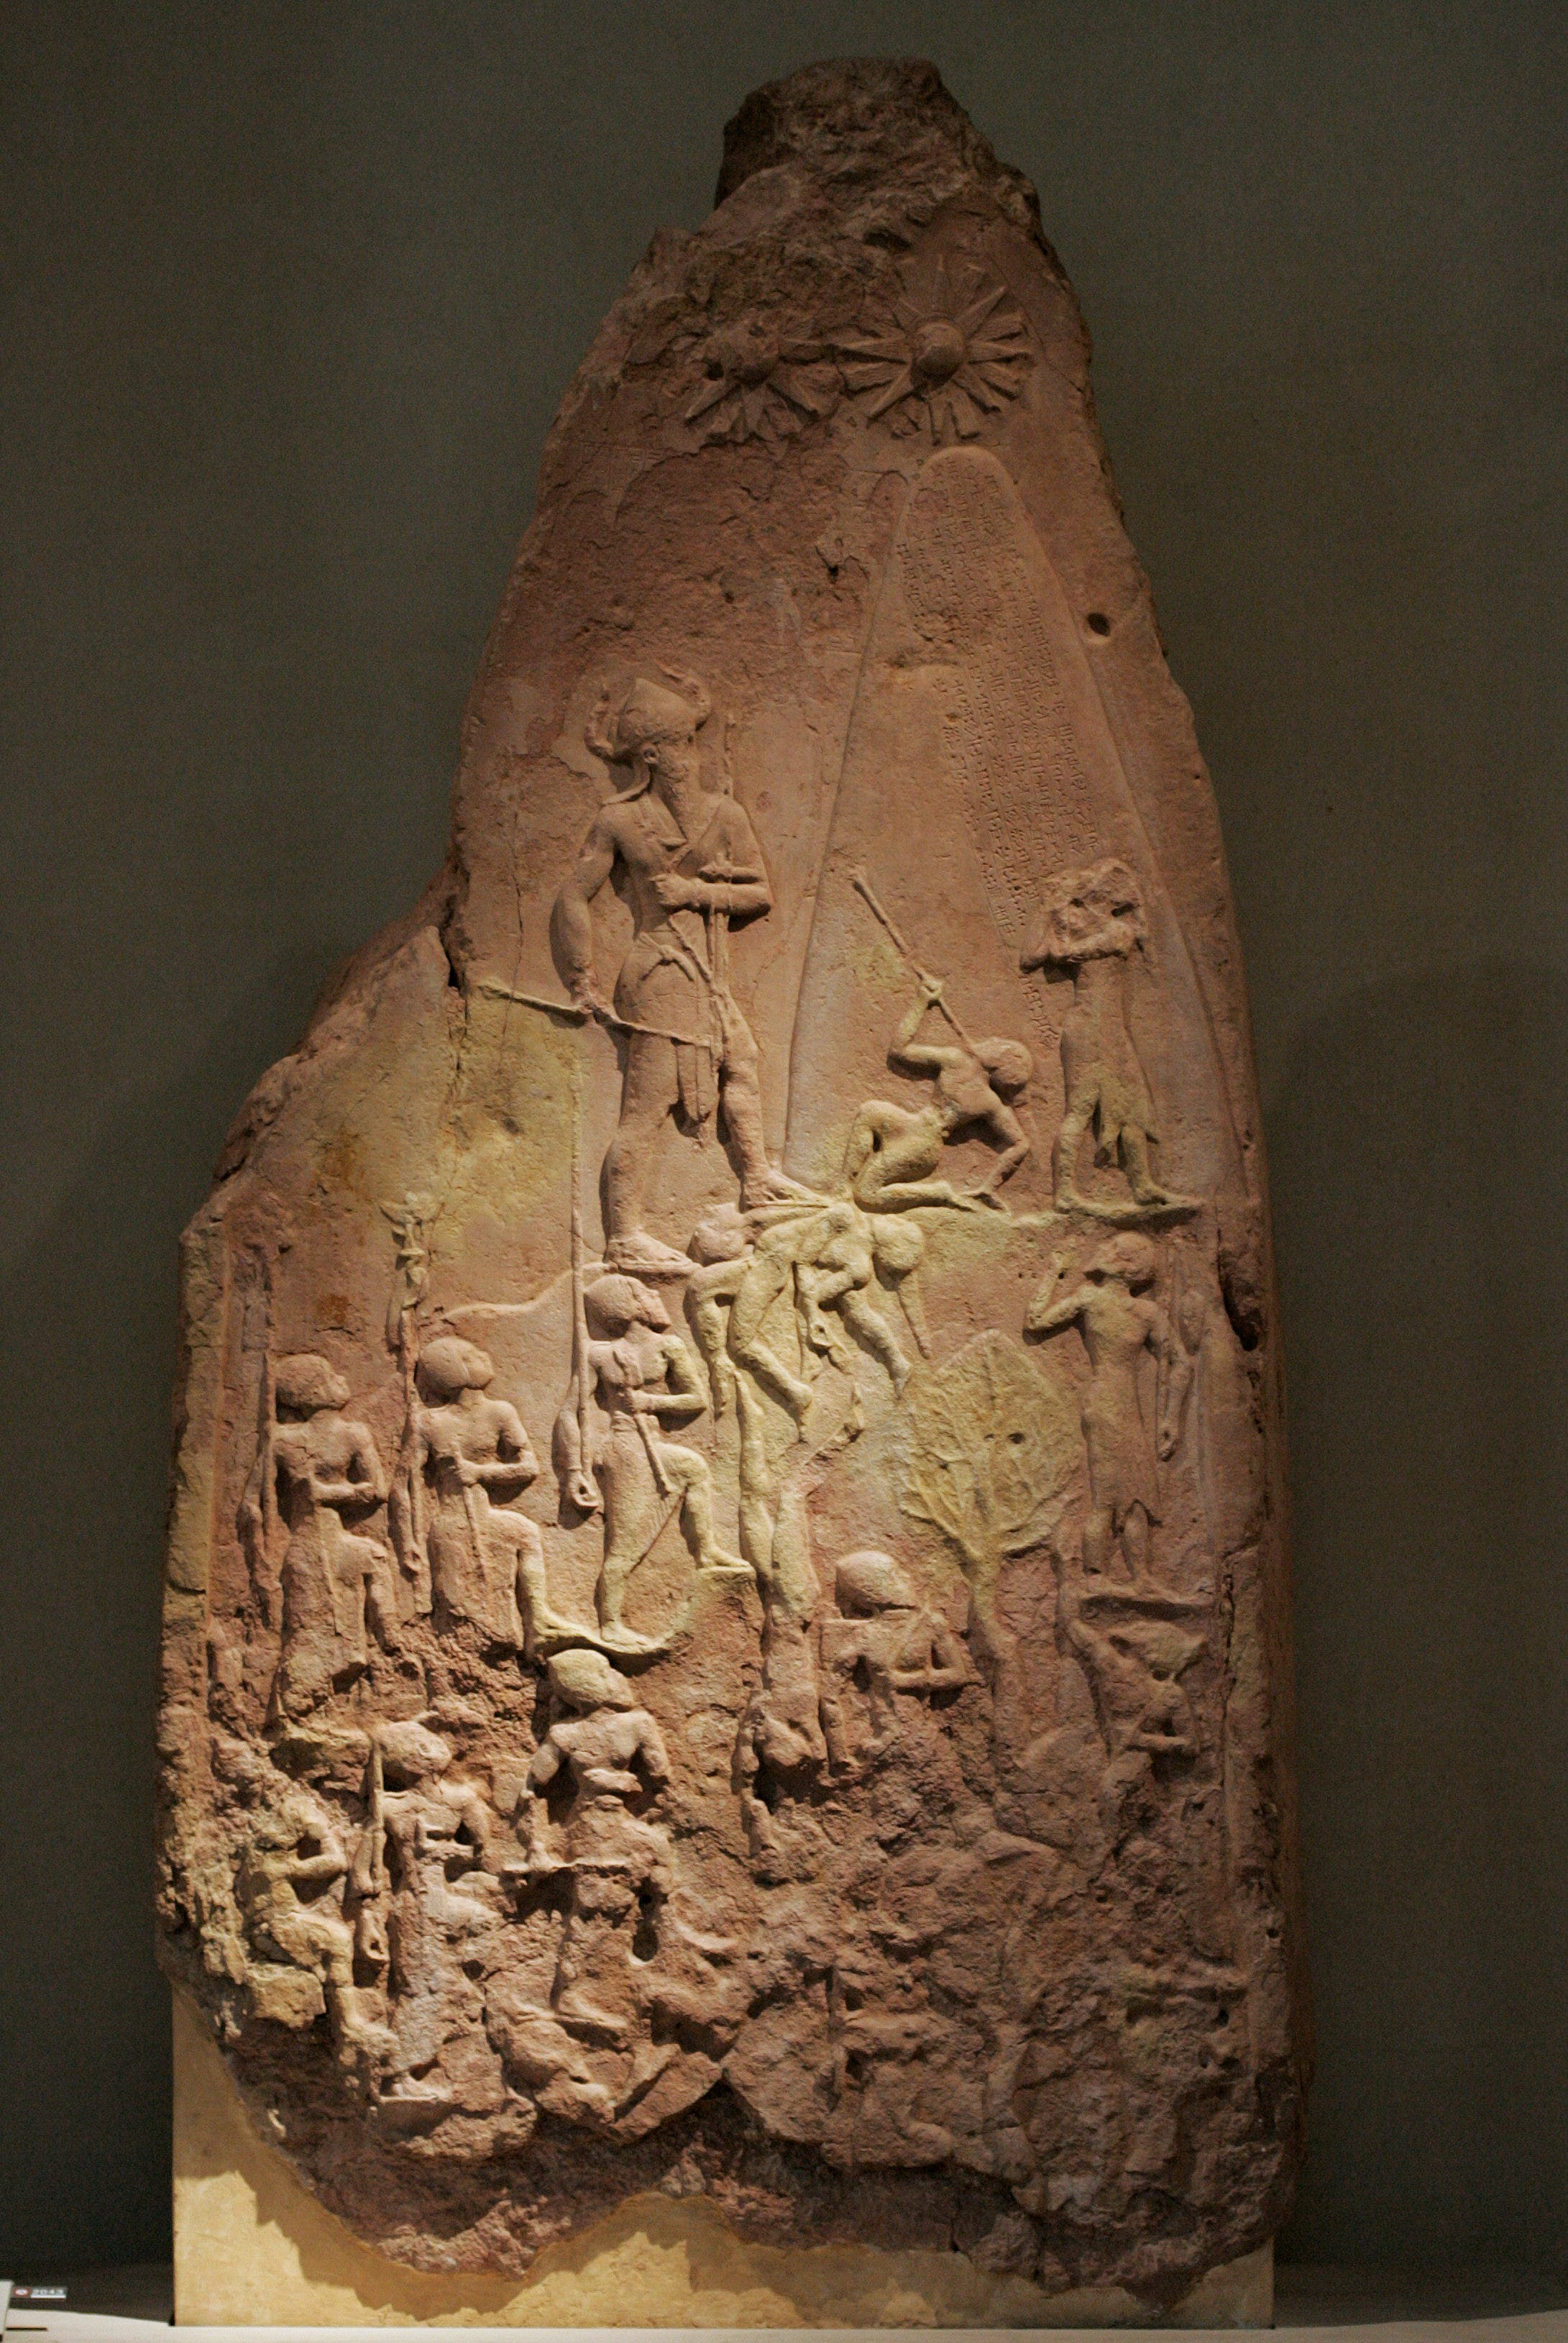 صورة كاملة لمسلة نارام سين الموجودة بمتحف اللوفر بباريس